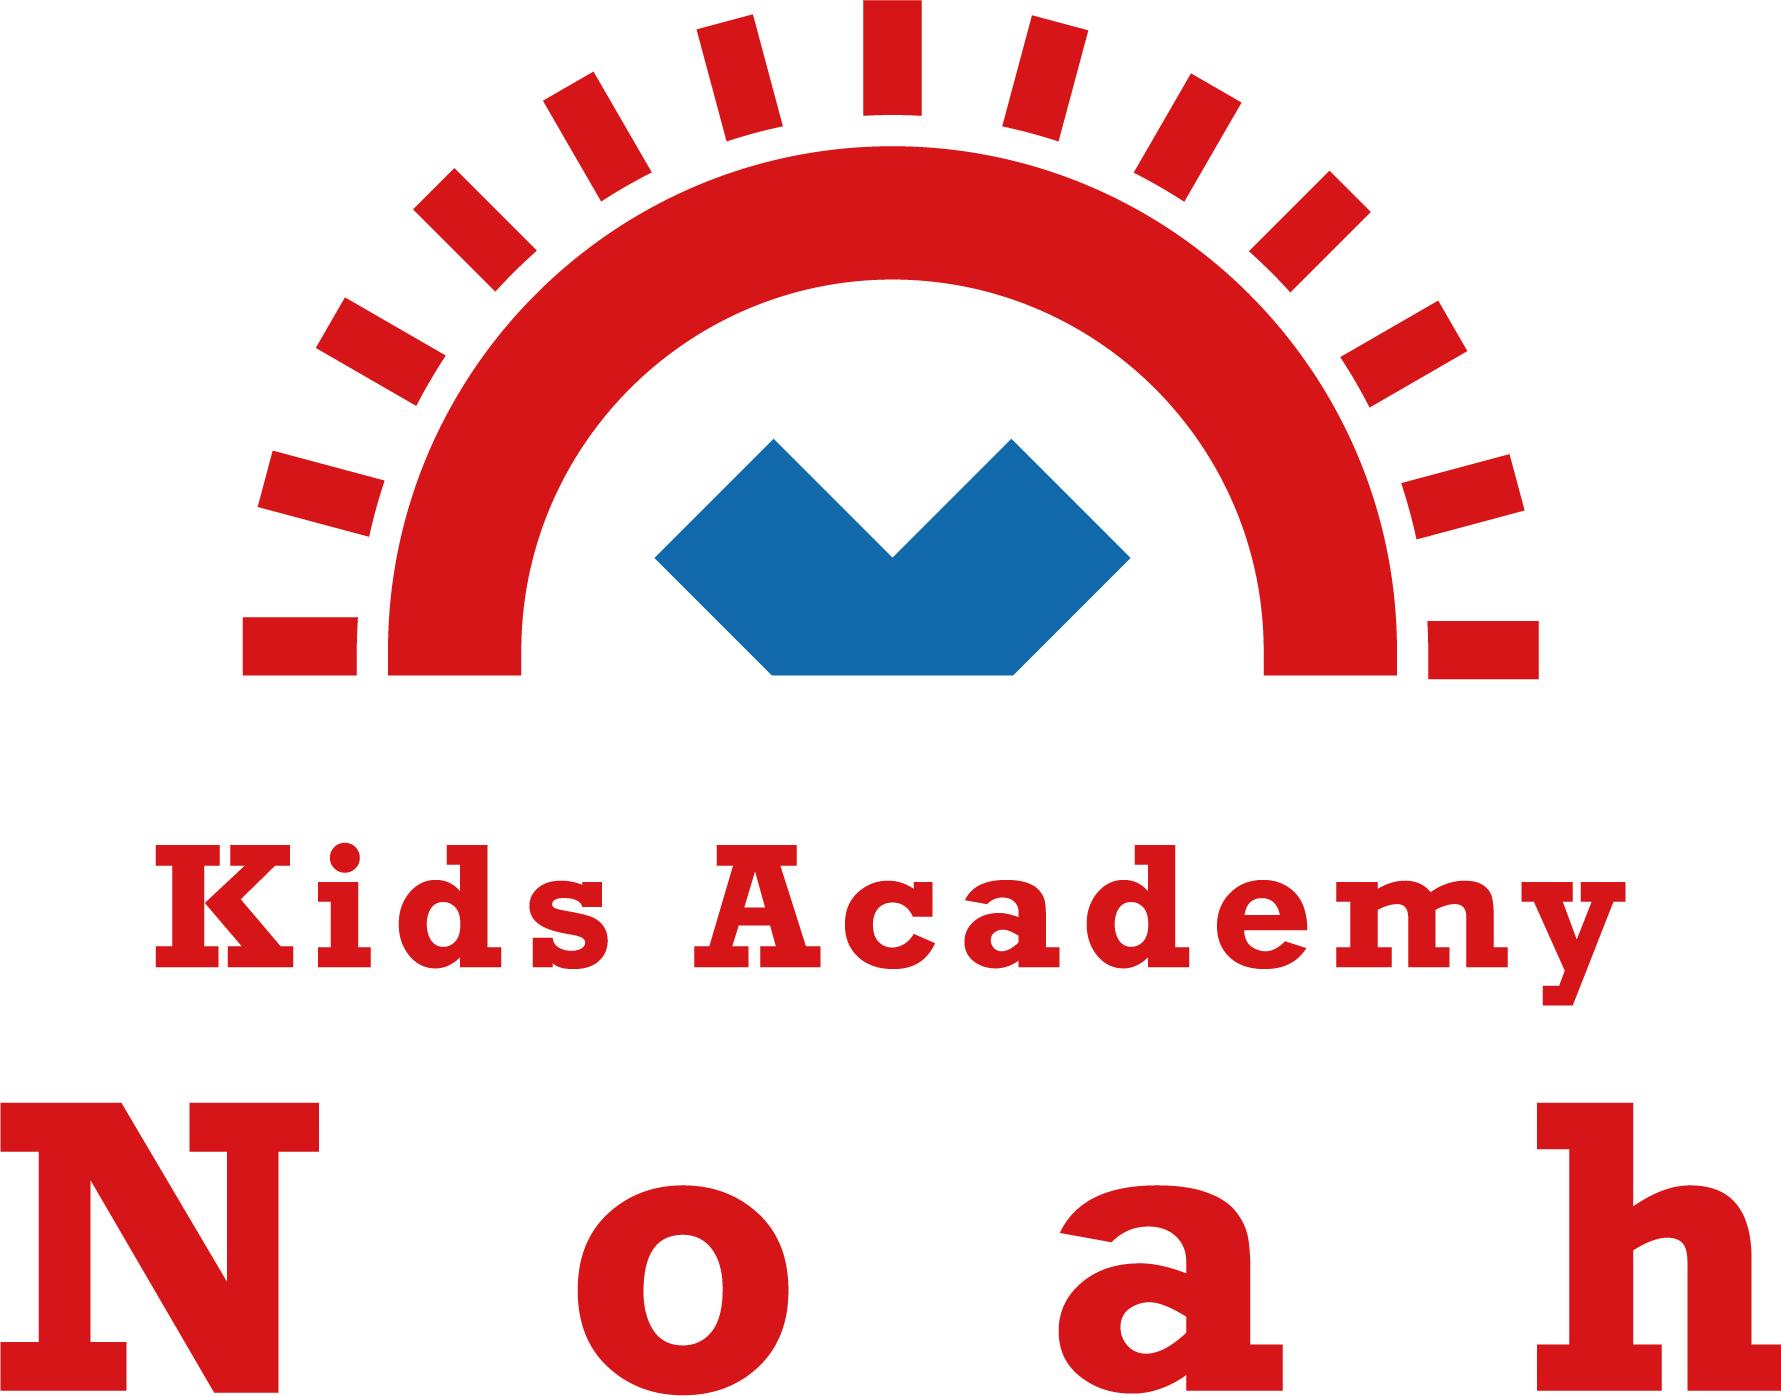 日本初の非認知能力を伸ばすインターナショナルプリスクールKids Academy Noah。オリジナルNoahメソッド開発でカリキュラムをリニューアル。外国人と日本を旅するトラベルプロジェクトも始動!